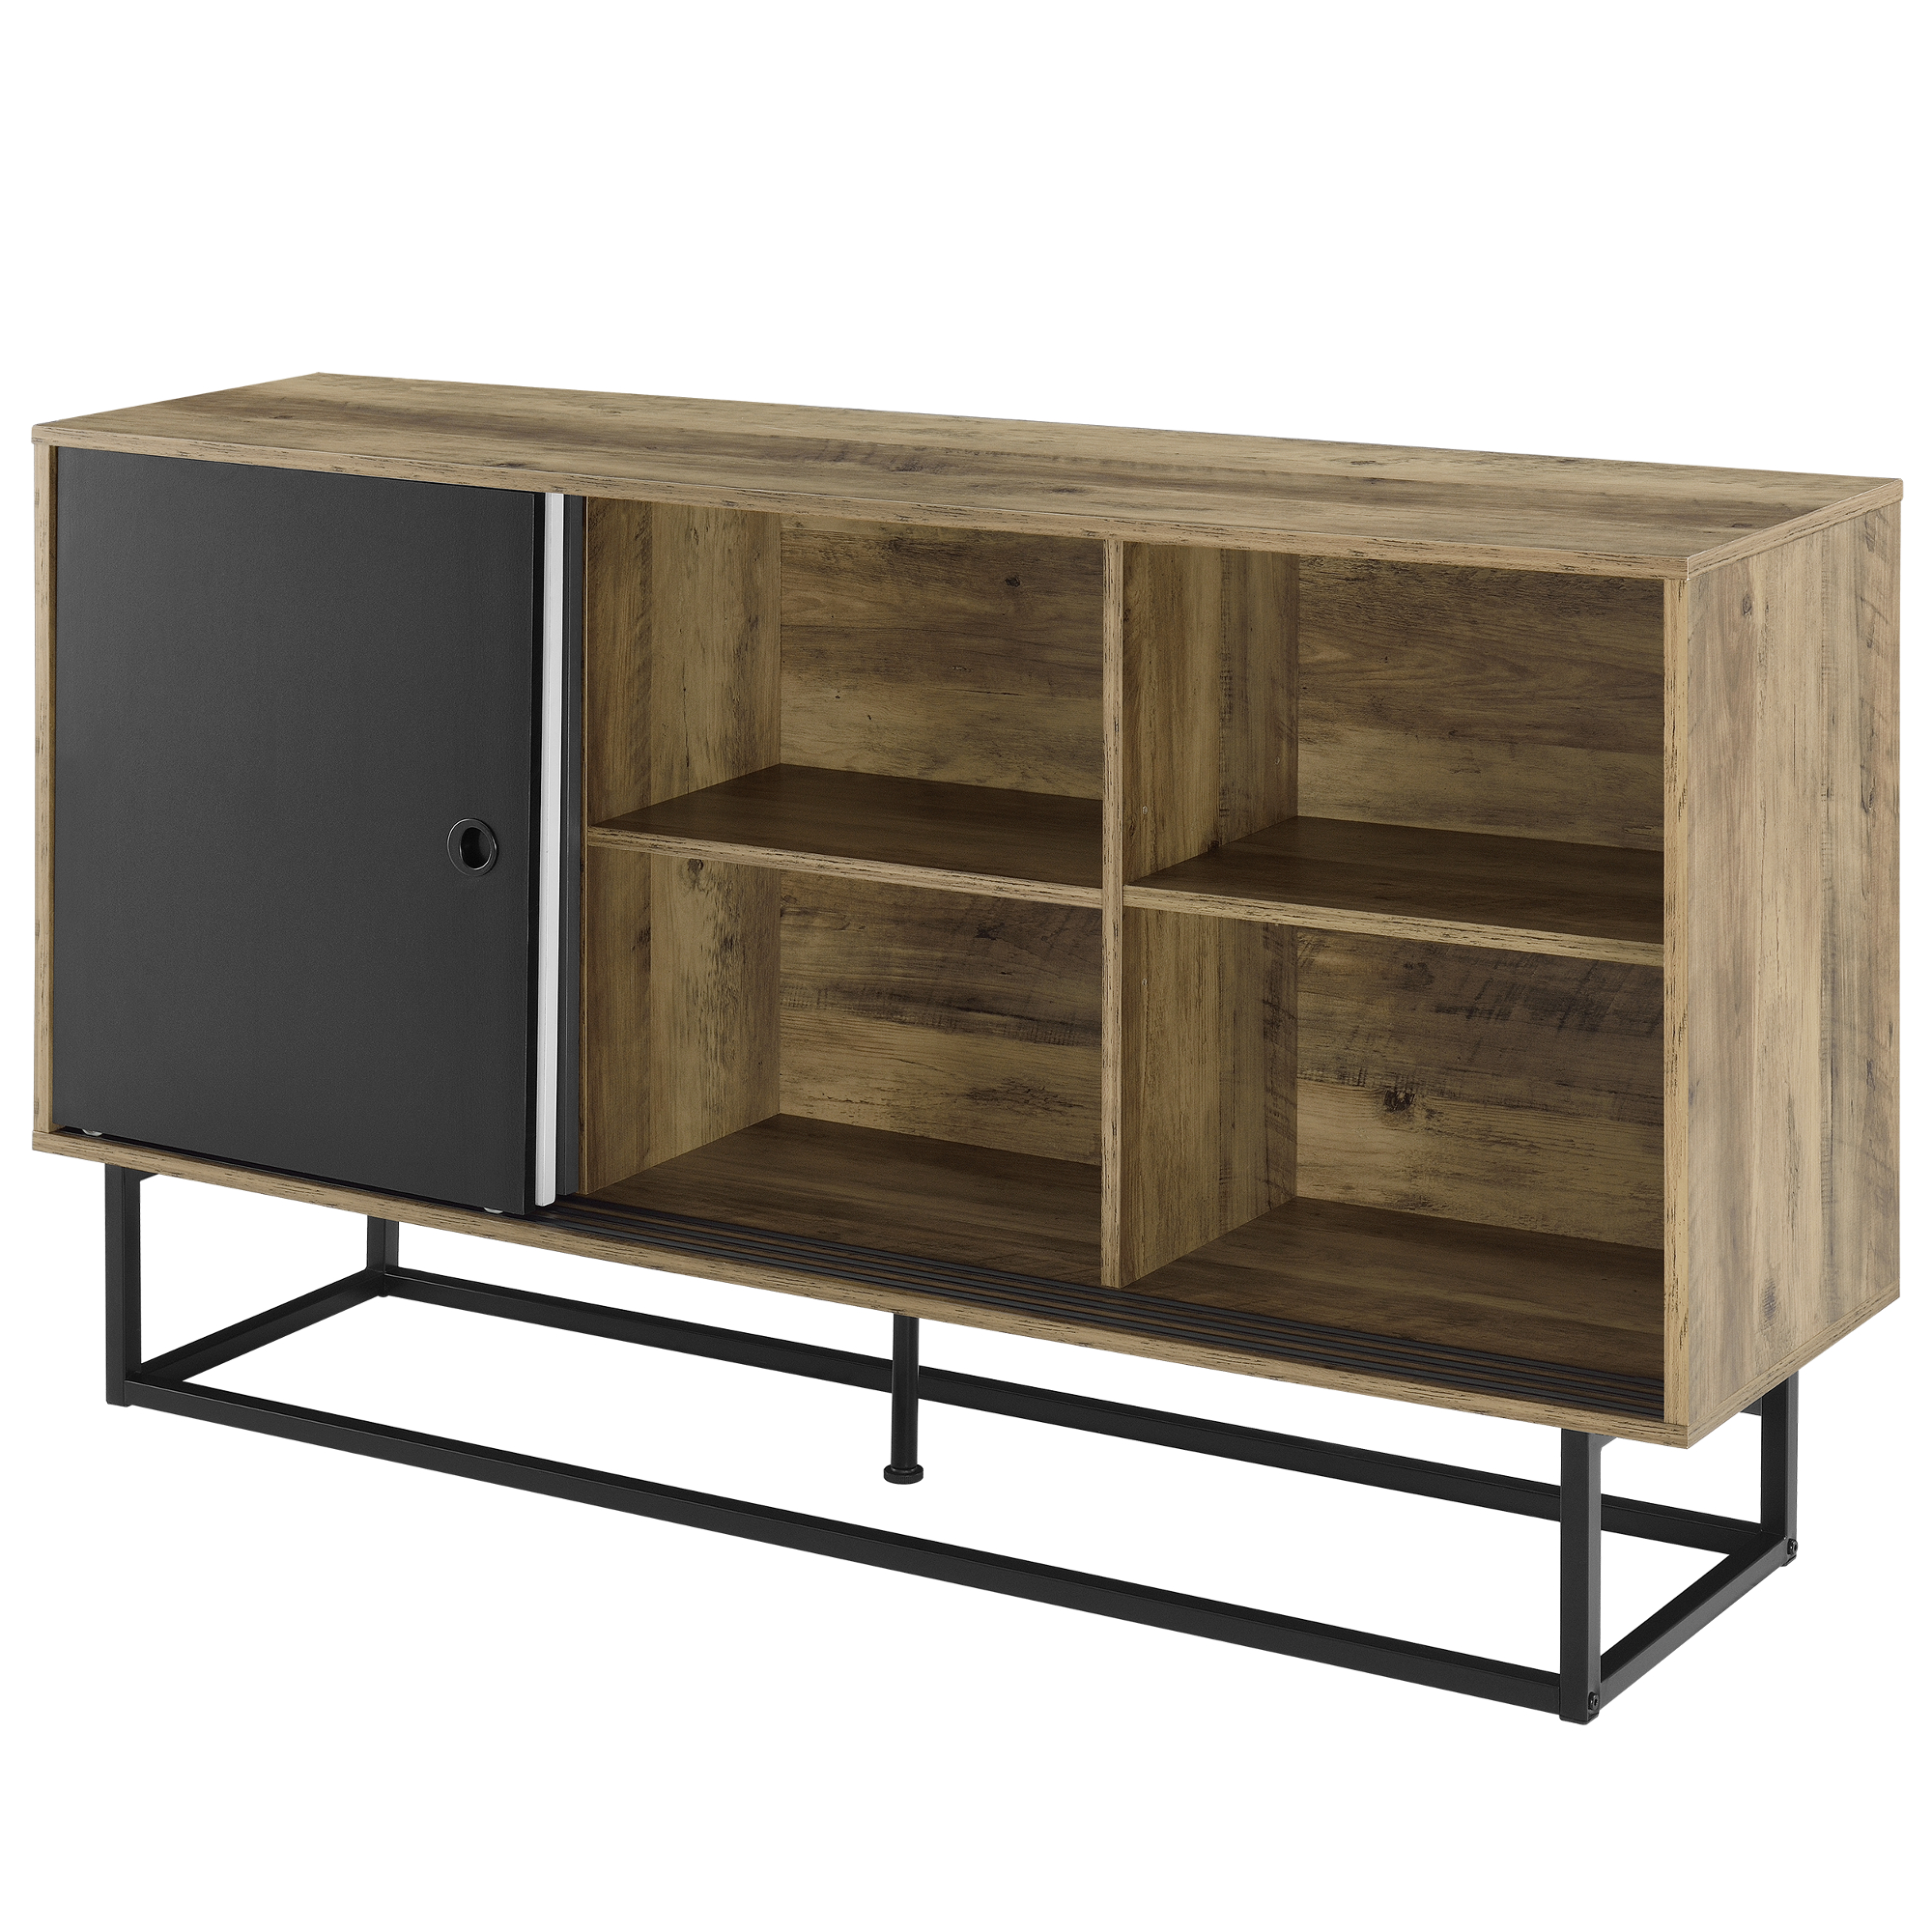 Credenza console cassettiera armadio da parete armadio da for Armadio guardaroba da soggiorno